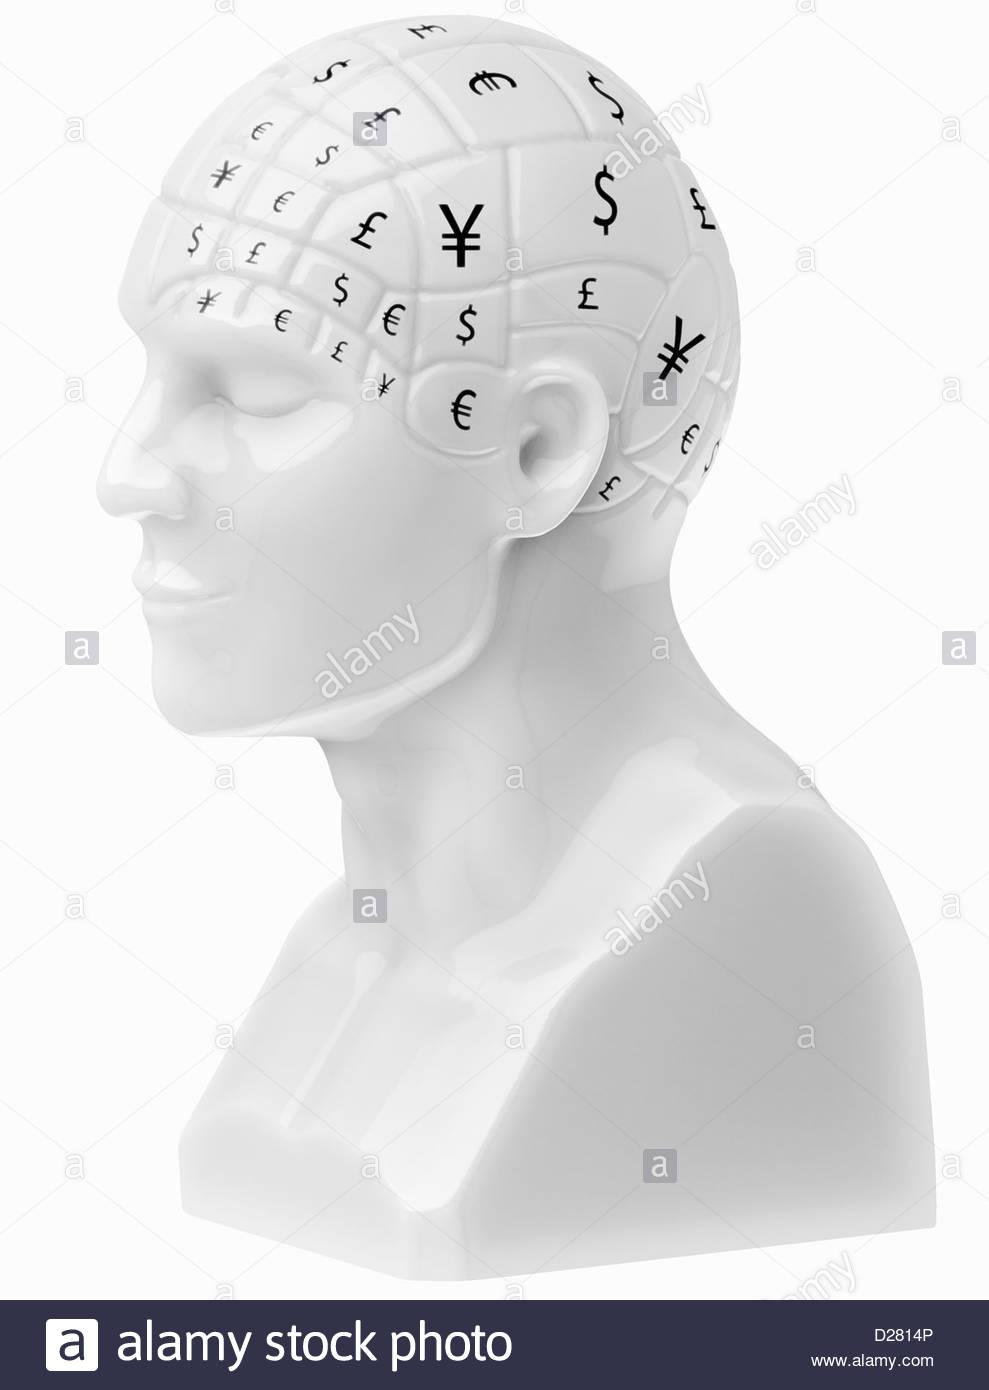 Los símbolos de moneda que cubre el cerebro en busto Imagen De Stock